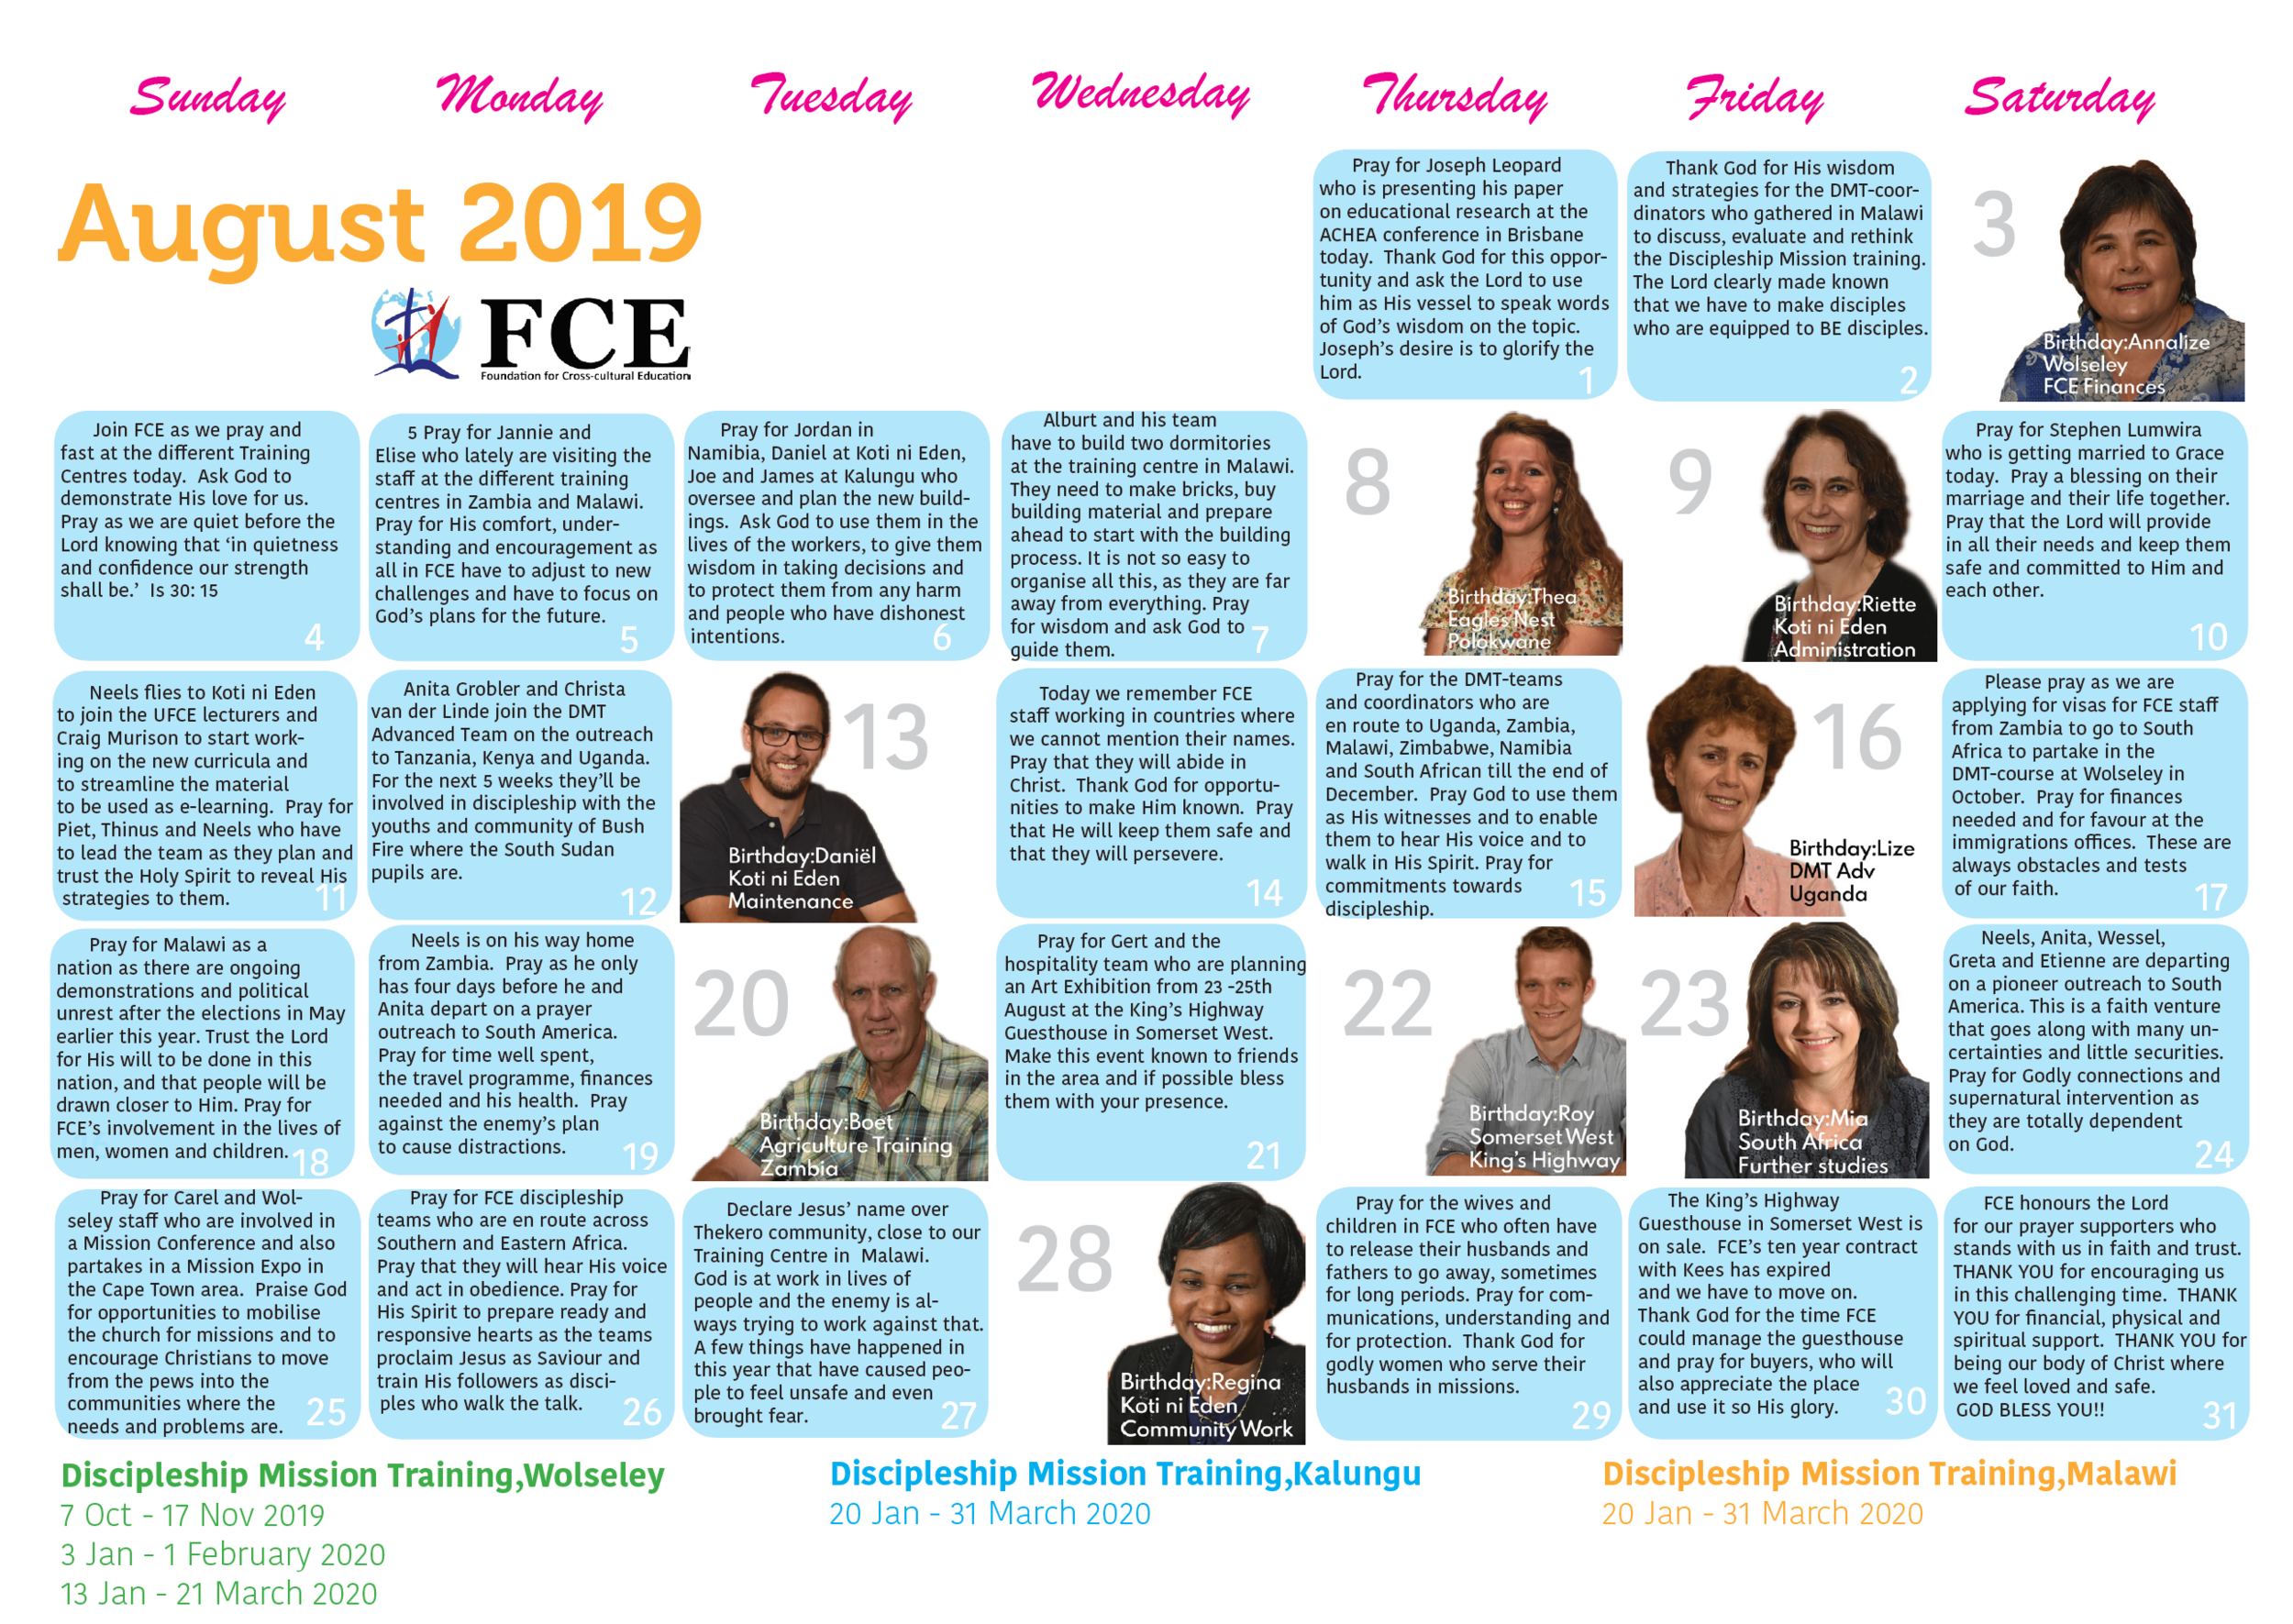 FCE_Calendar_201908.PNG